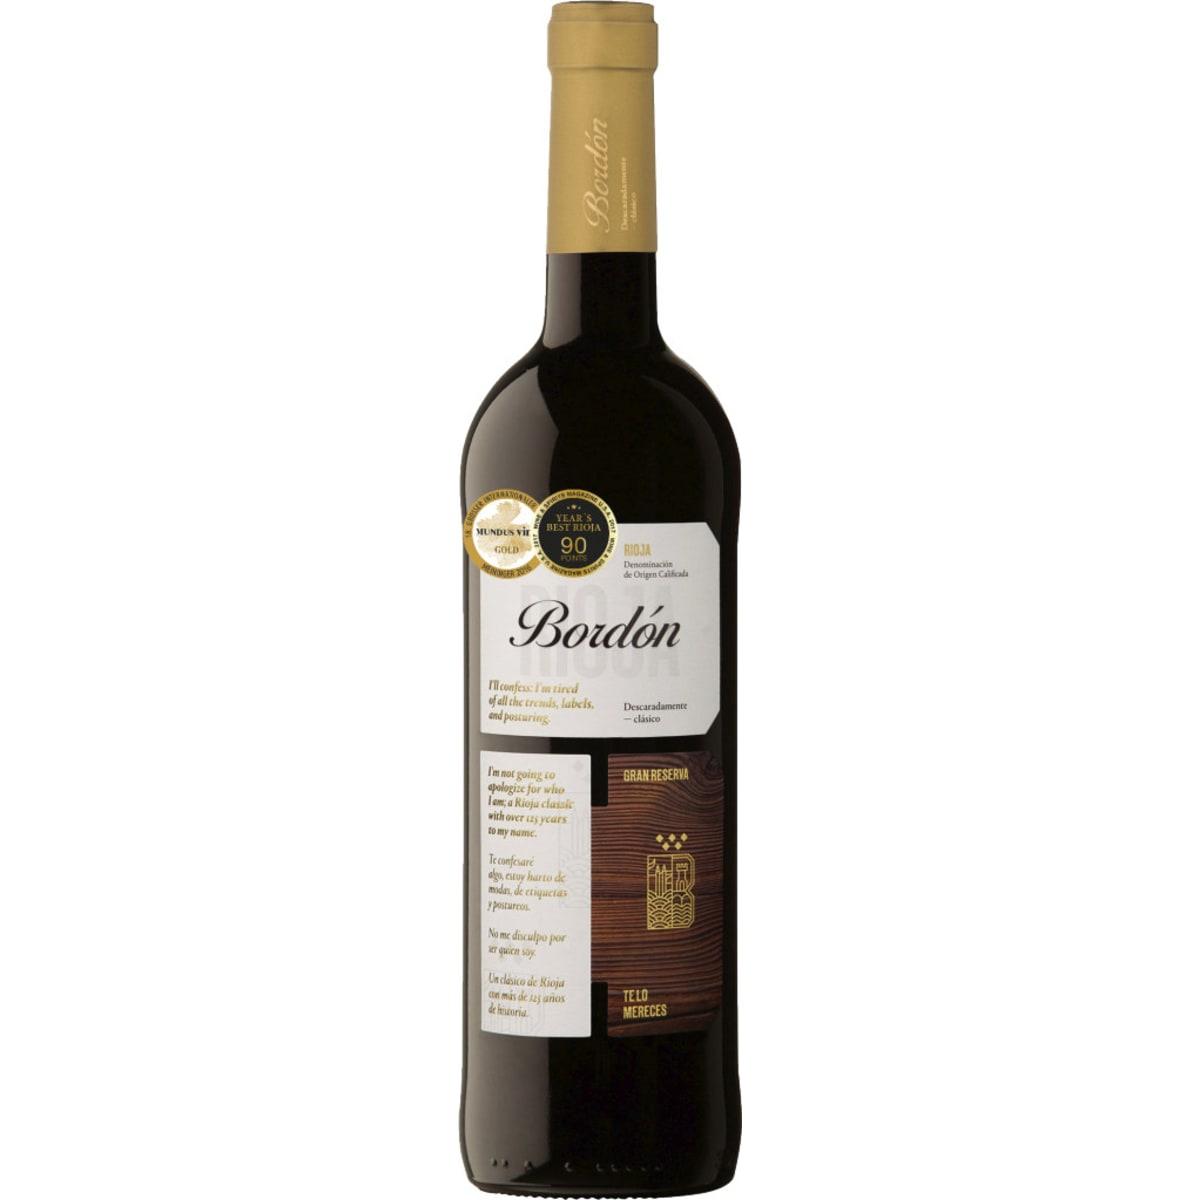 Fr. Espanolas Bordon Rioja Gr.Res. 2008